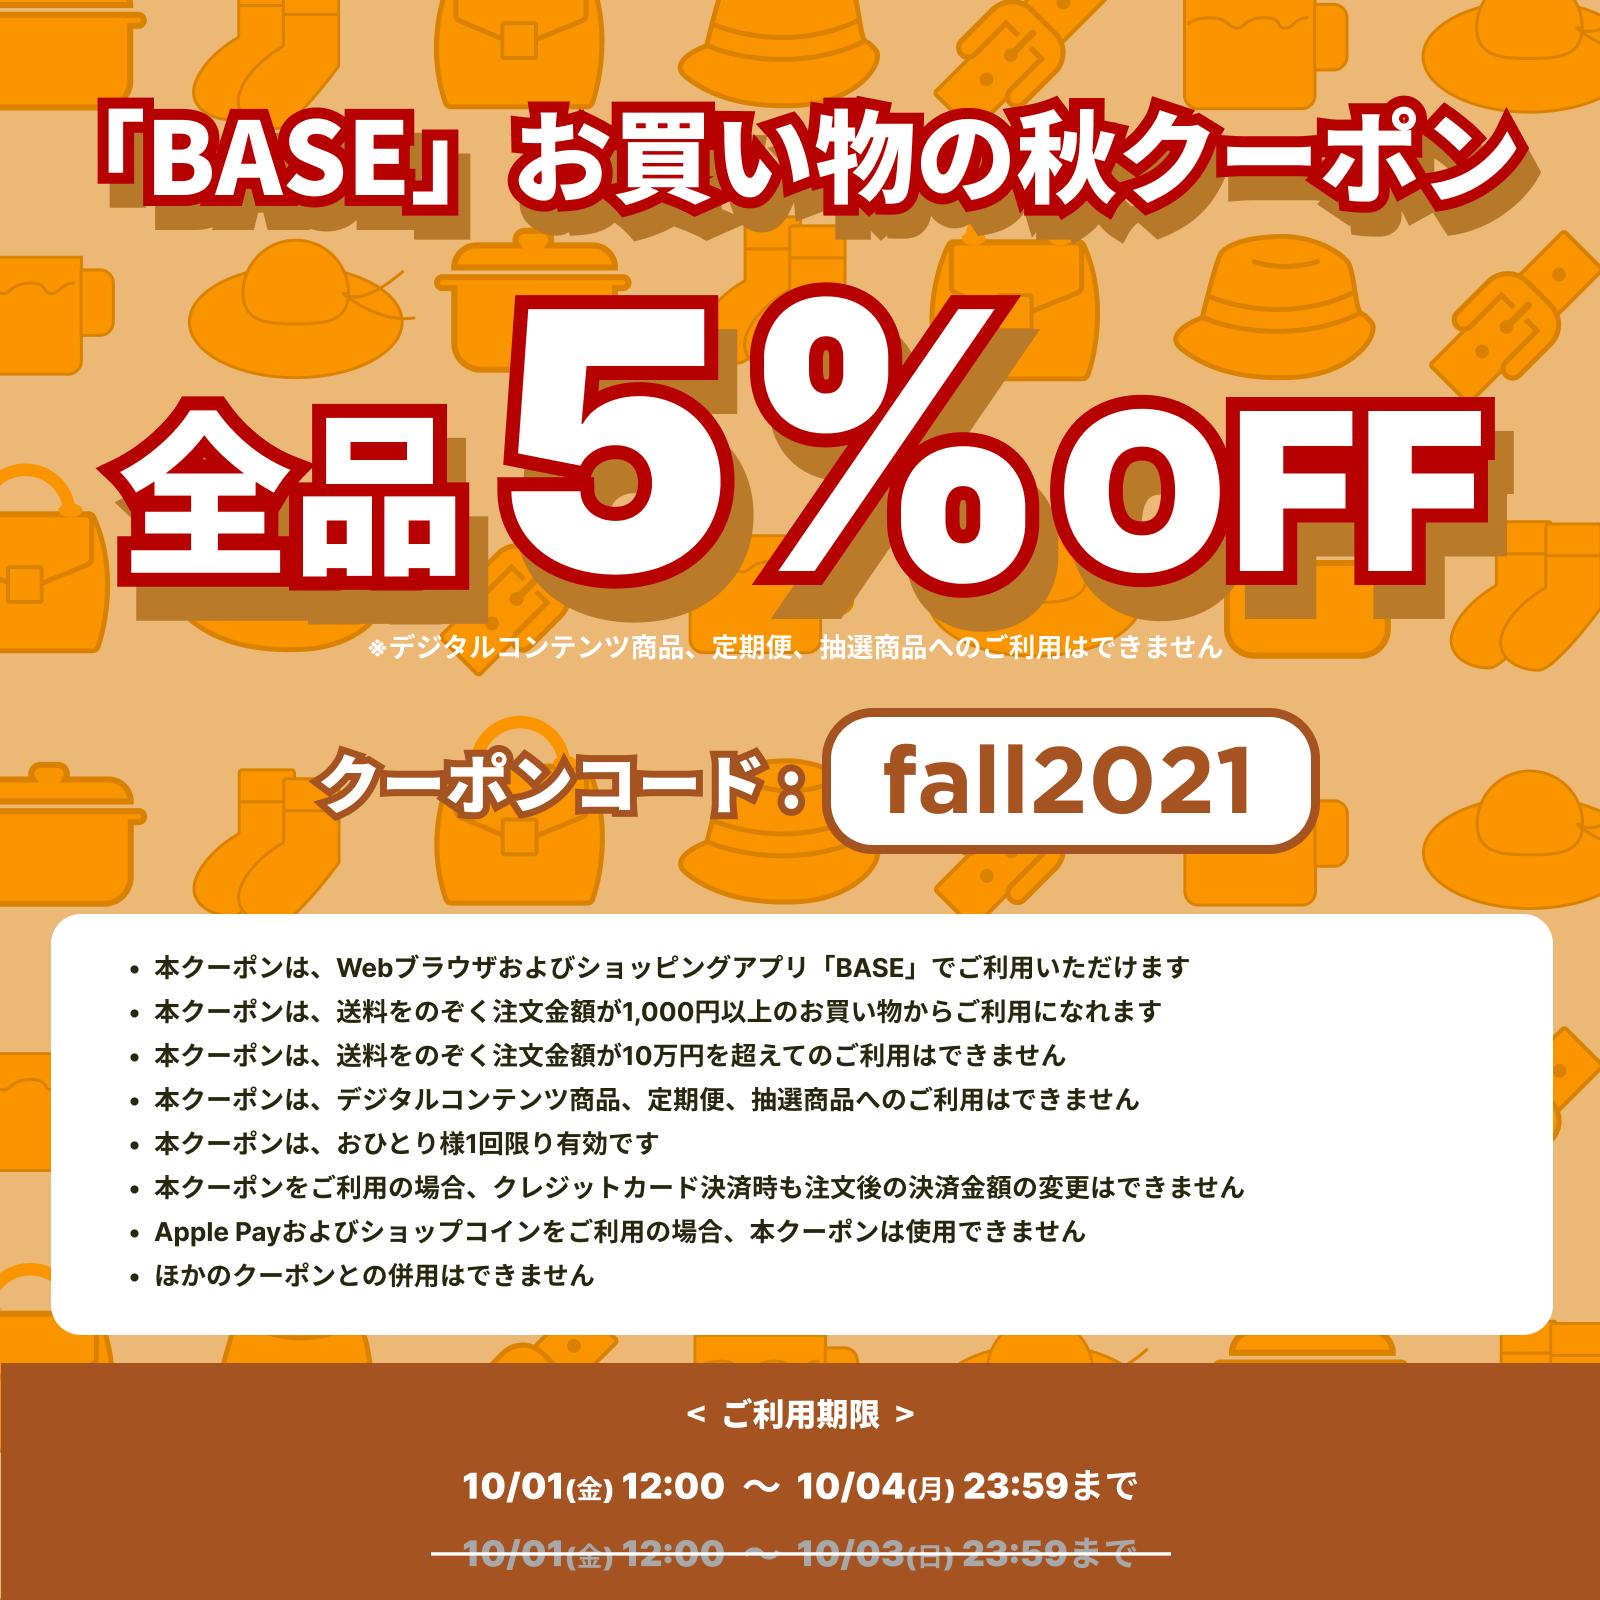 『BASE』お買い物の秋クーポン 全品5%OFF